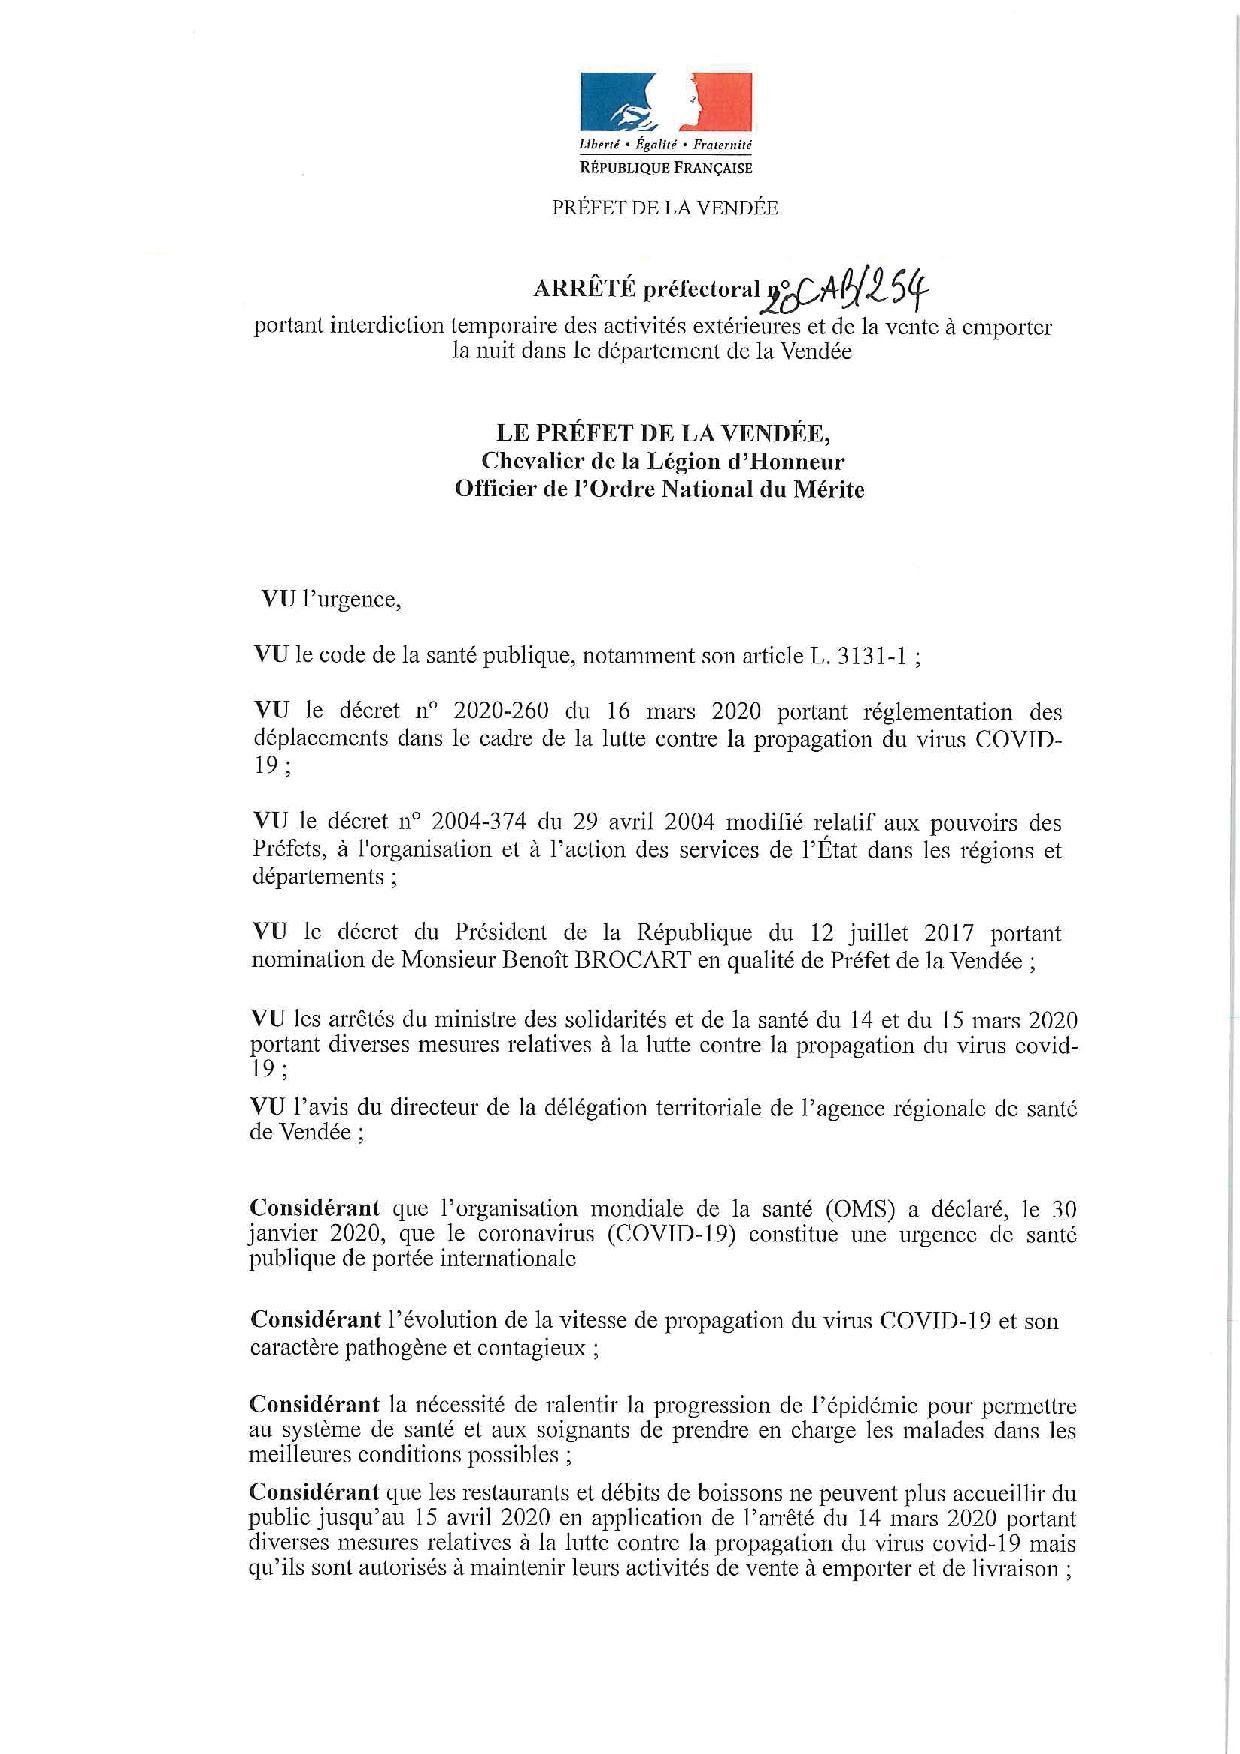 Activités extérieures et vente à emporter la nuit dans le département de la Vendée